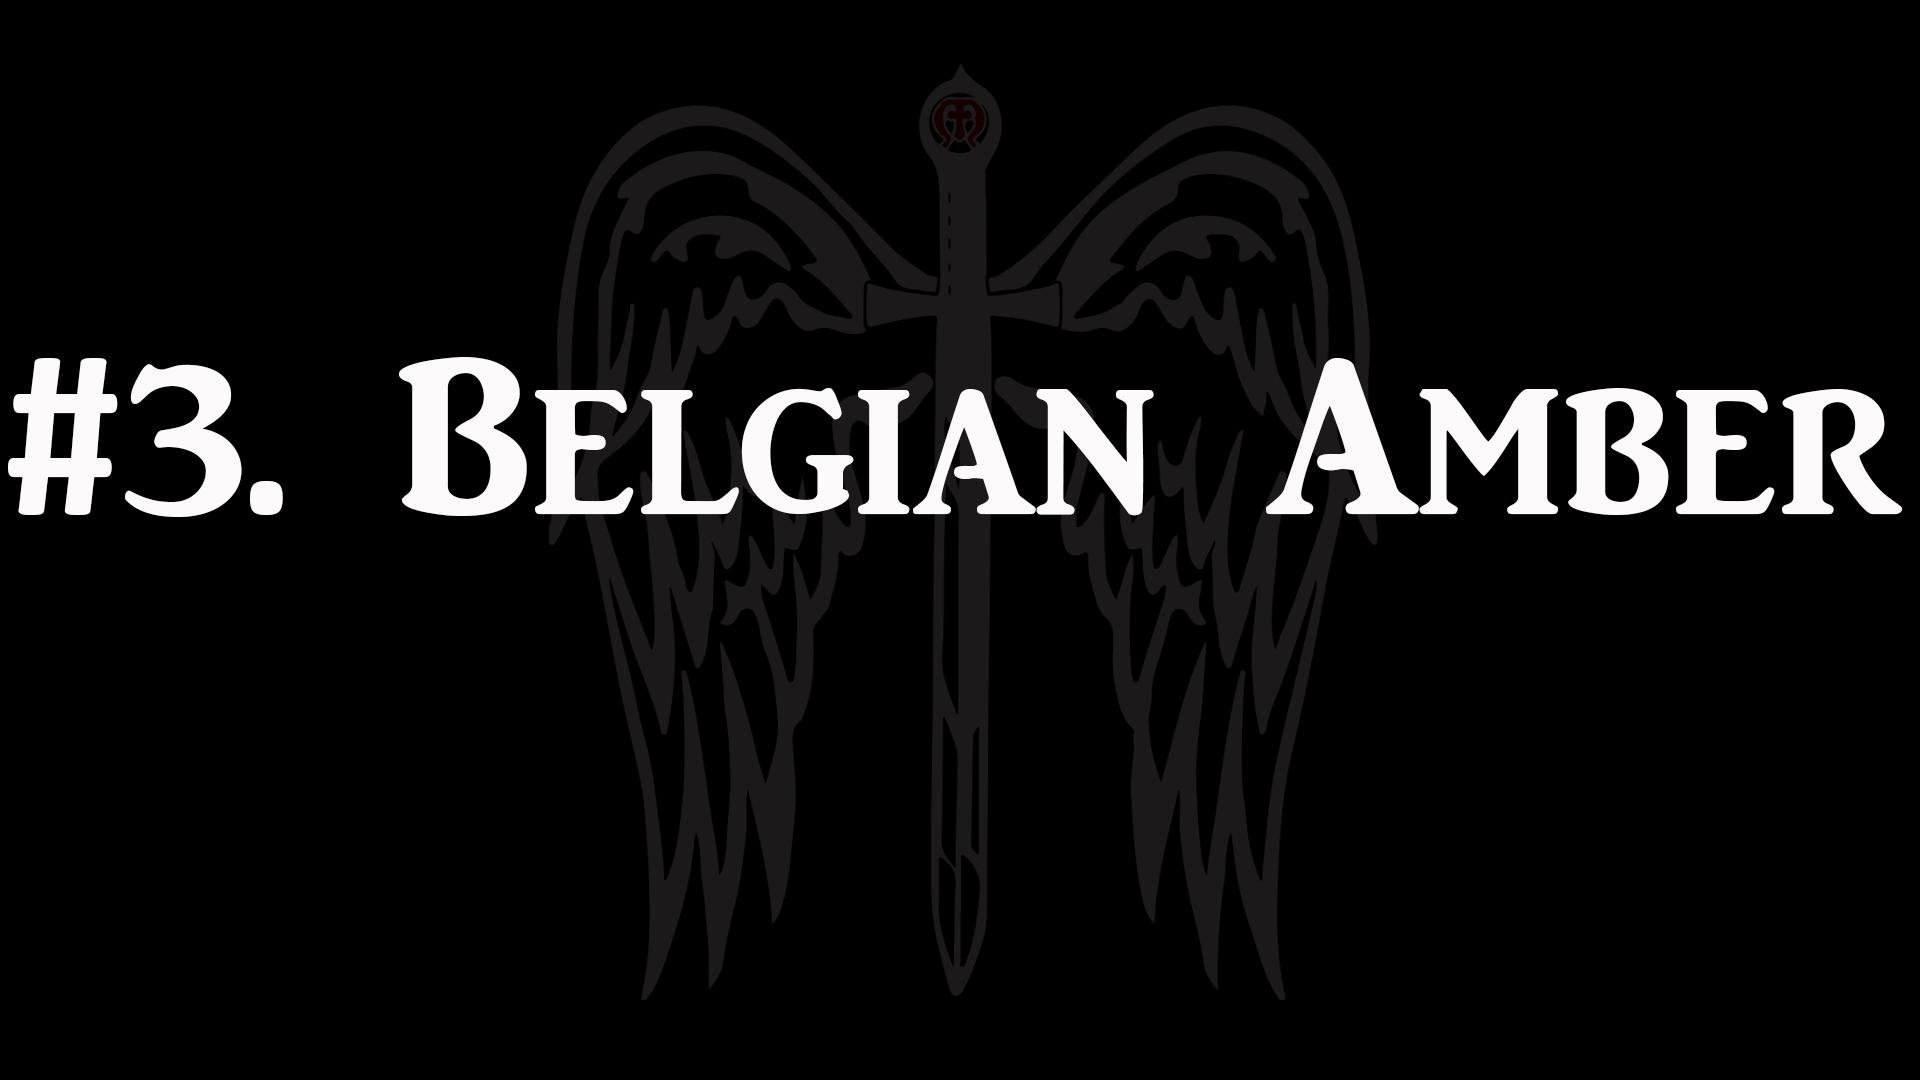 belgian-amber.jpg